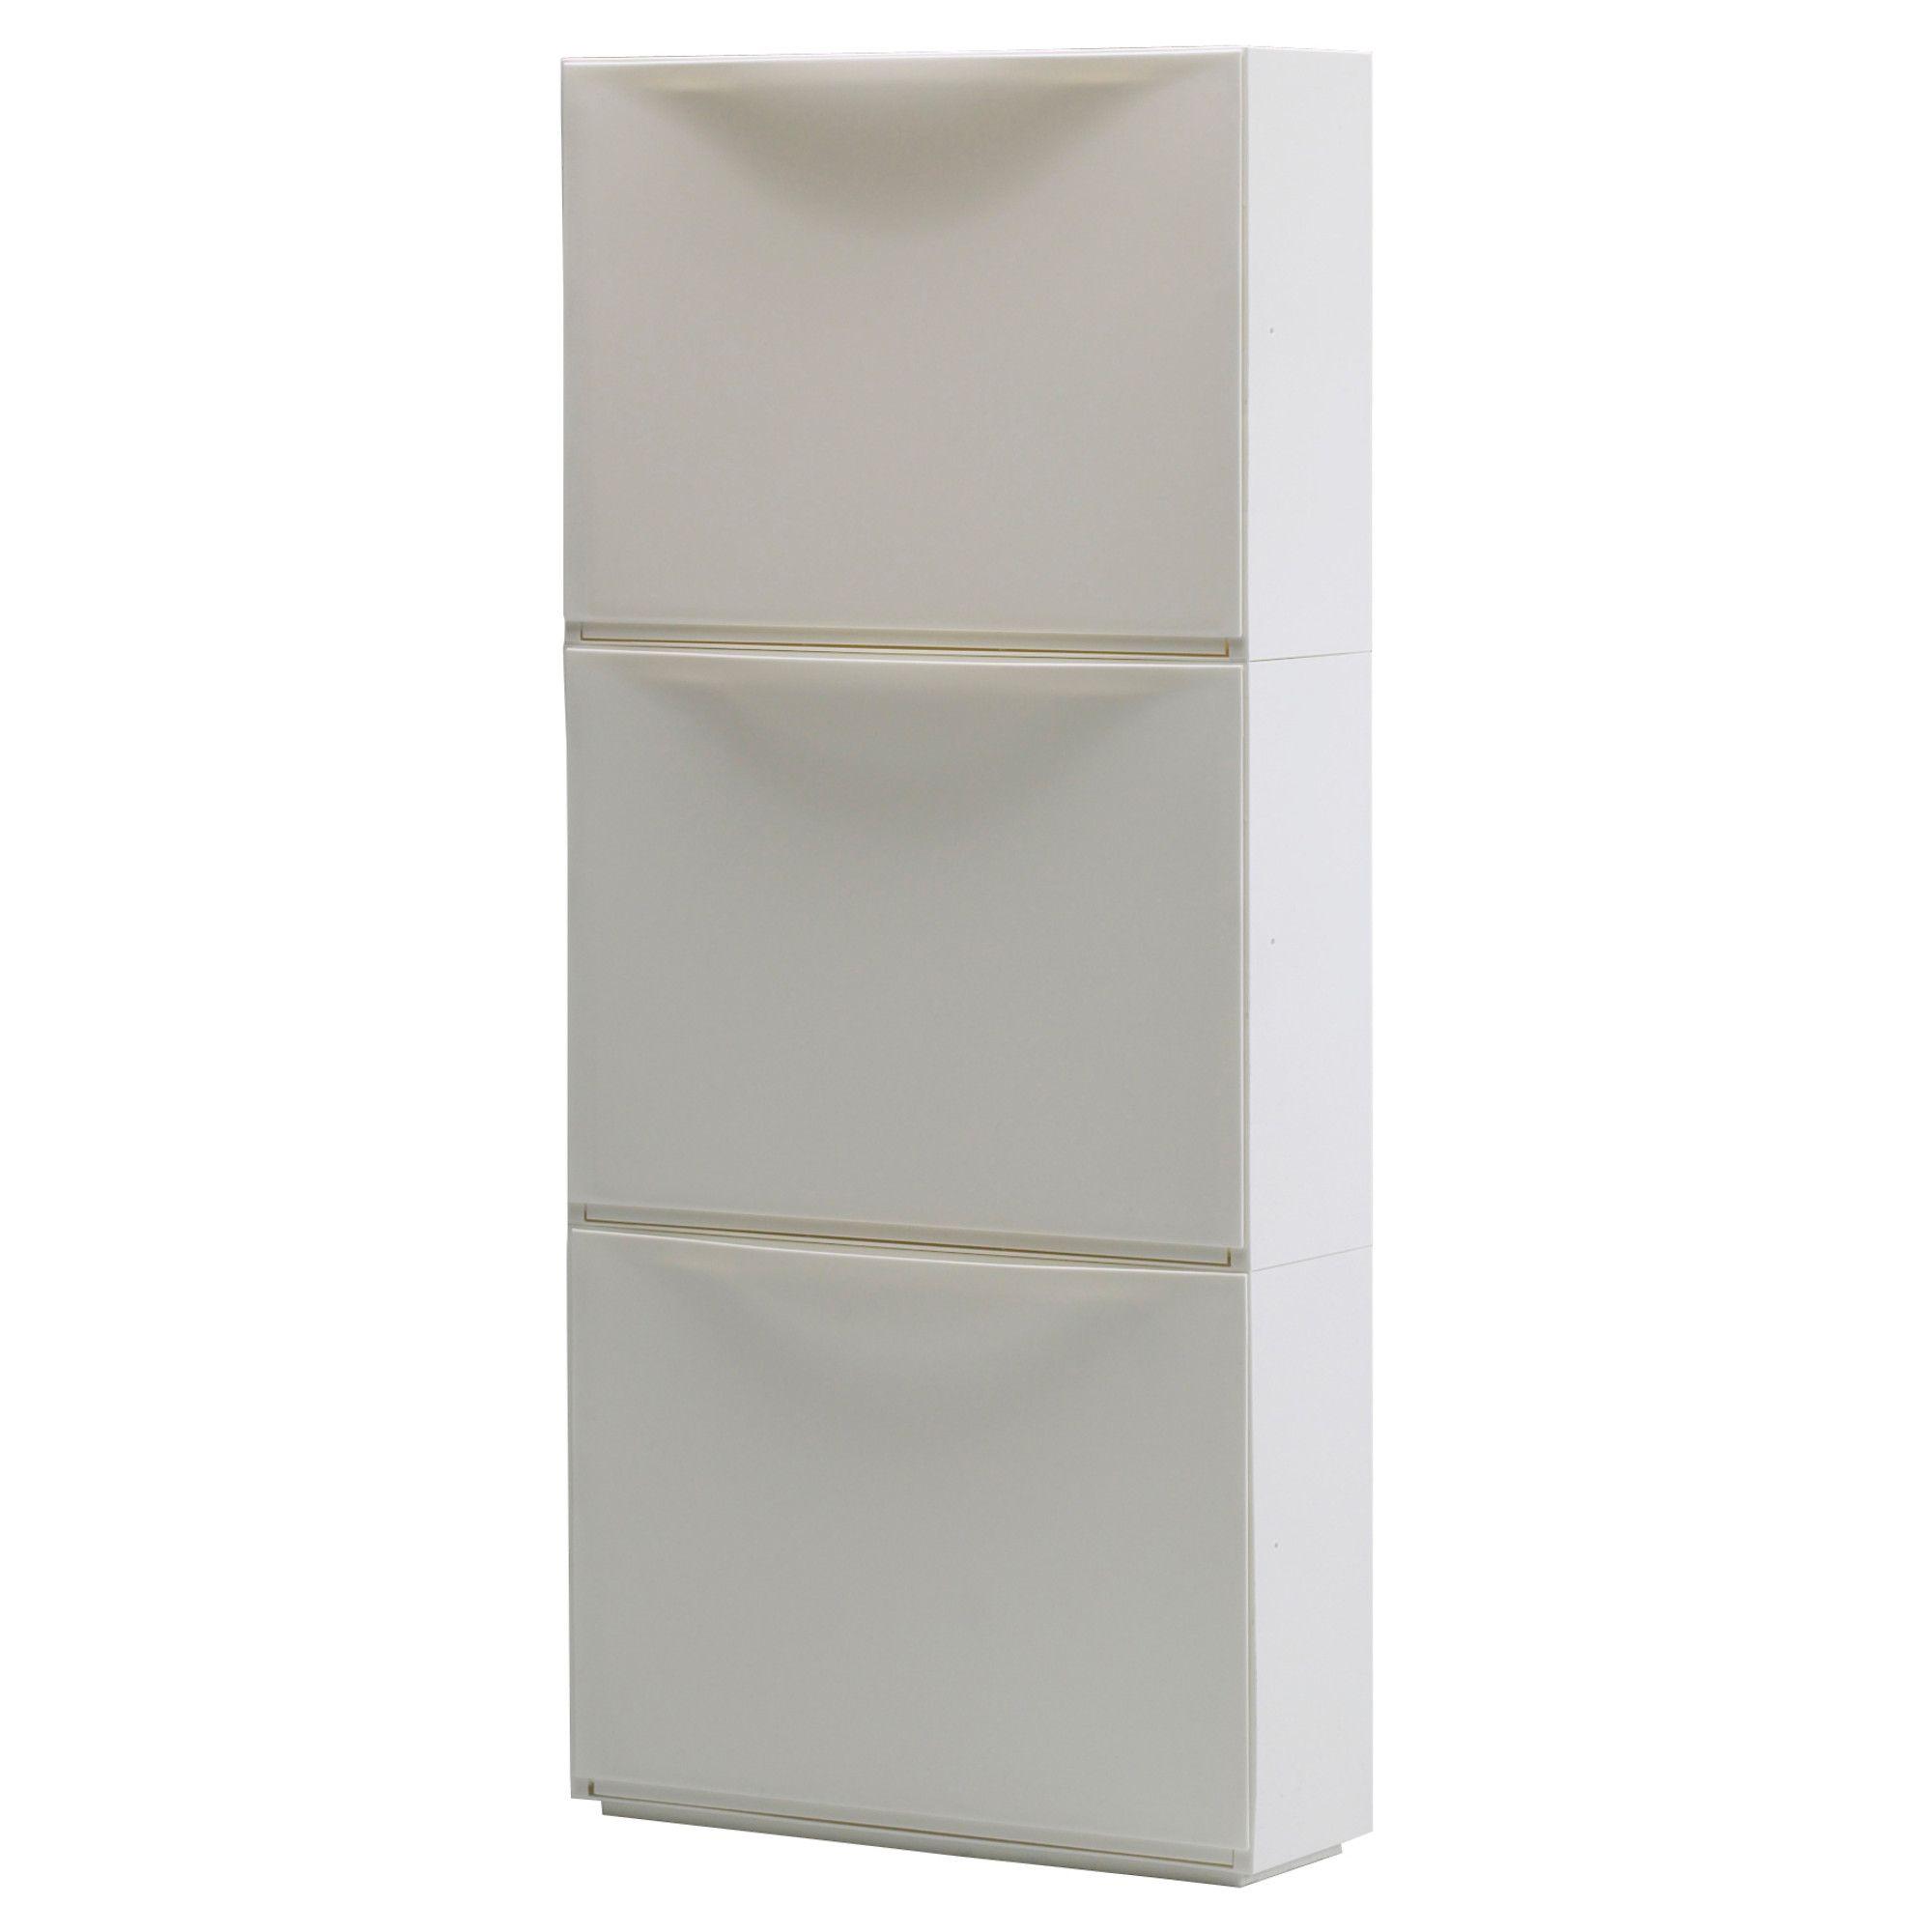 Ikea trones zapatero almacenaje blanco al tener poco fondo ocupa poco espacio y es ideal - Armario poco fondo para pasillo ...